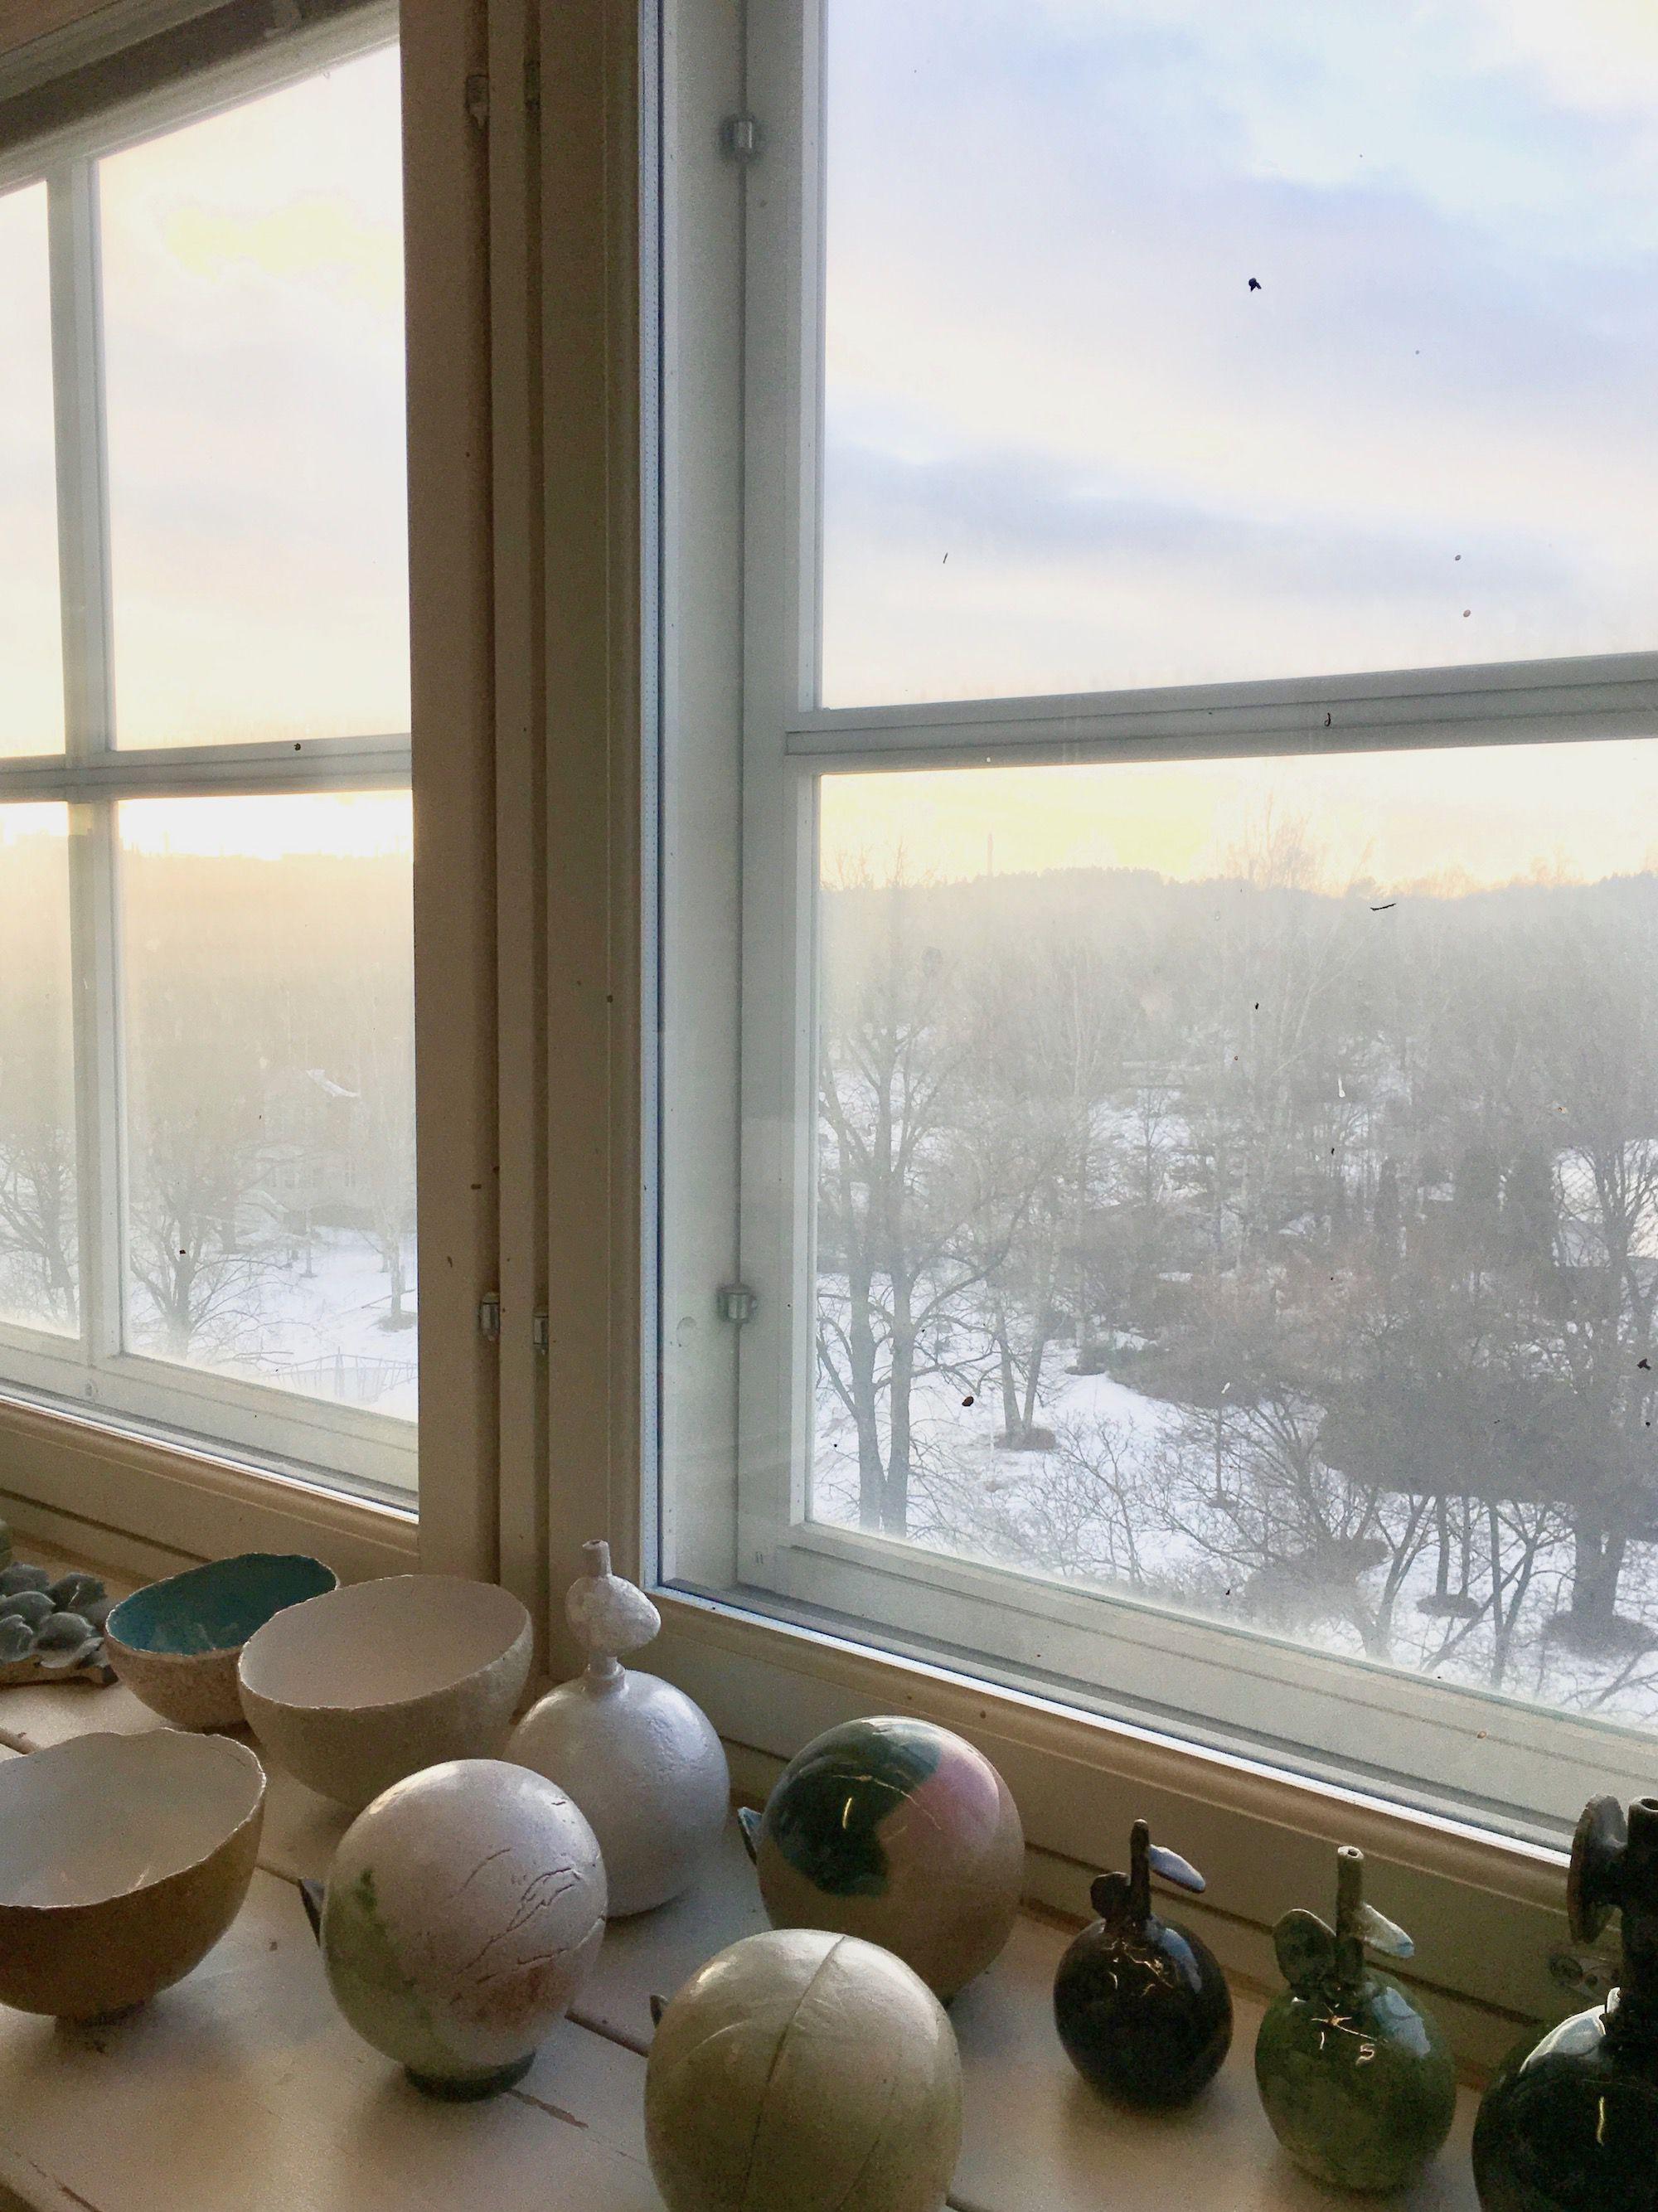 今年2月、ヘルシンキ、アラビアの一角にある石本藤雄のアトリエで。雲間から差し込んだ光を眺めつつ、この窓から石本さんが眺める四季の風景を想像した。